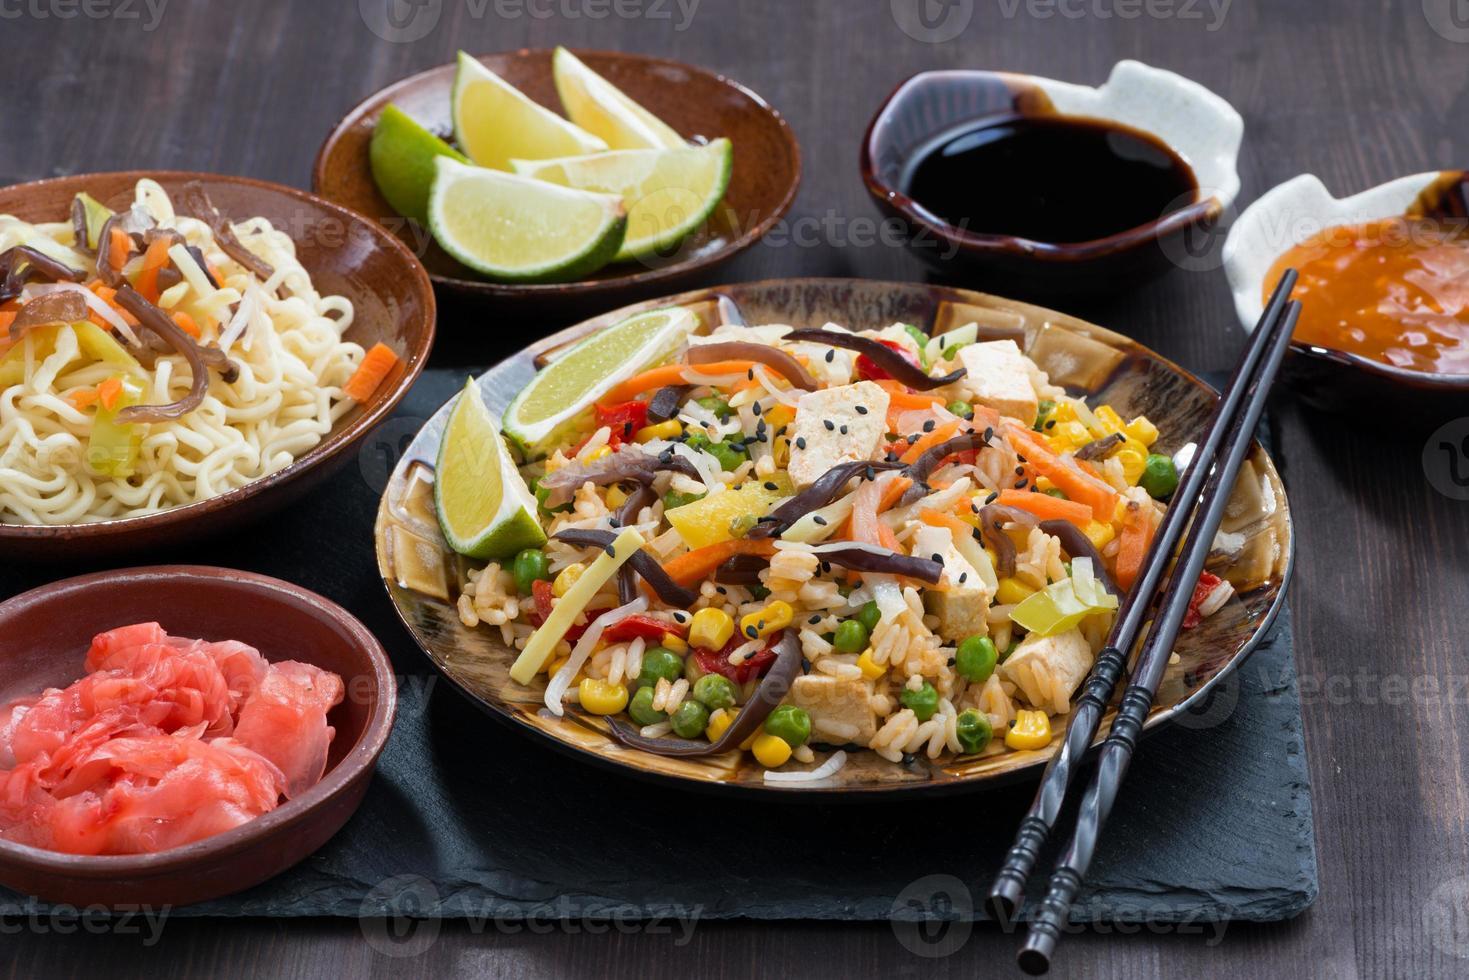 déjeuner asiatique - riz frit avec tofu et légumes photo